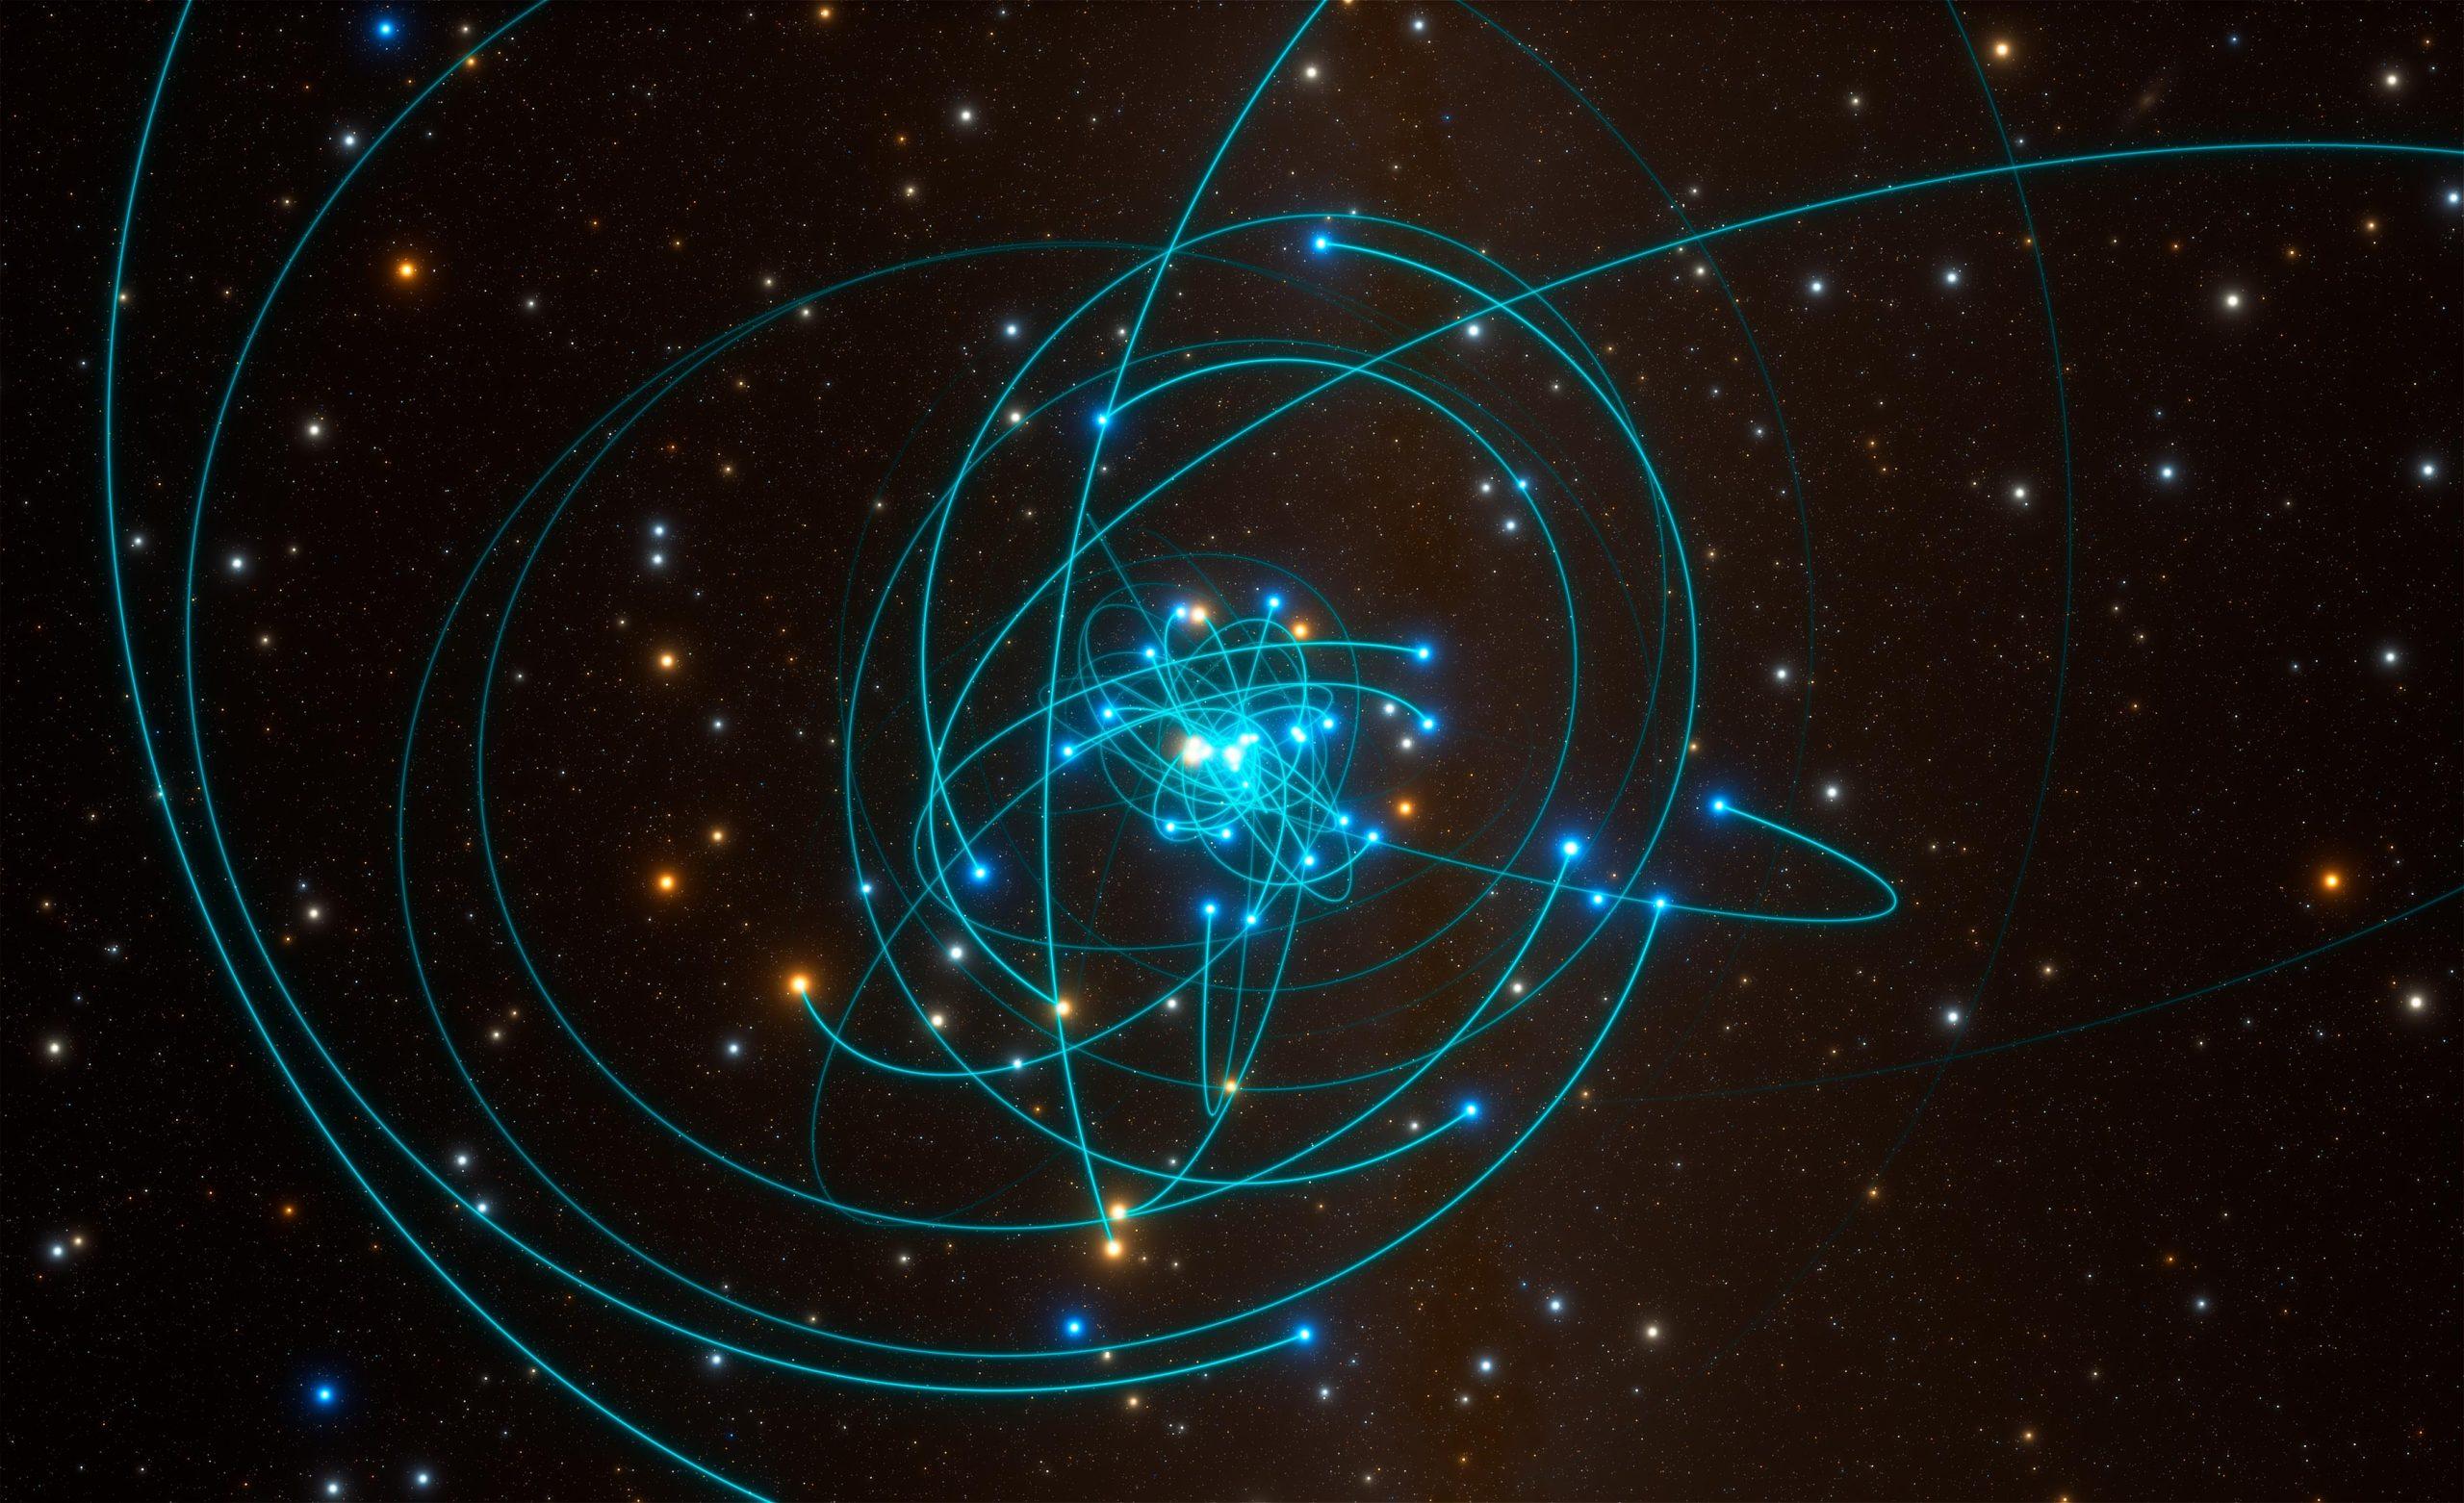 Dráhy hvězd okolo černé díry Sgr A*. Autor: ESO/L. Calçada/spaceengine.org